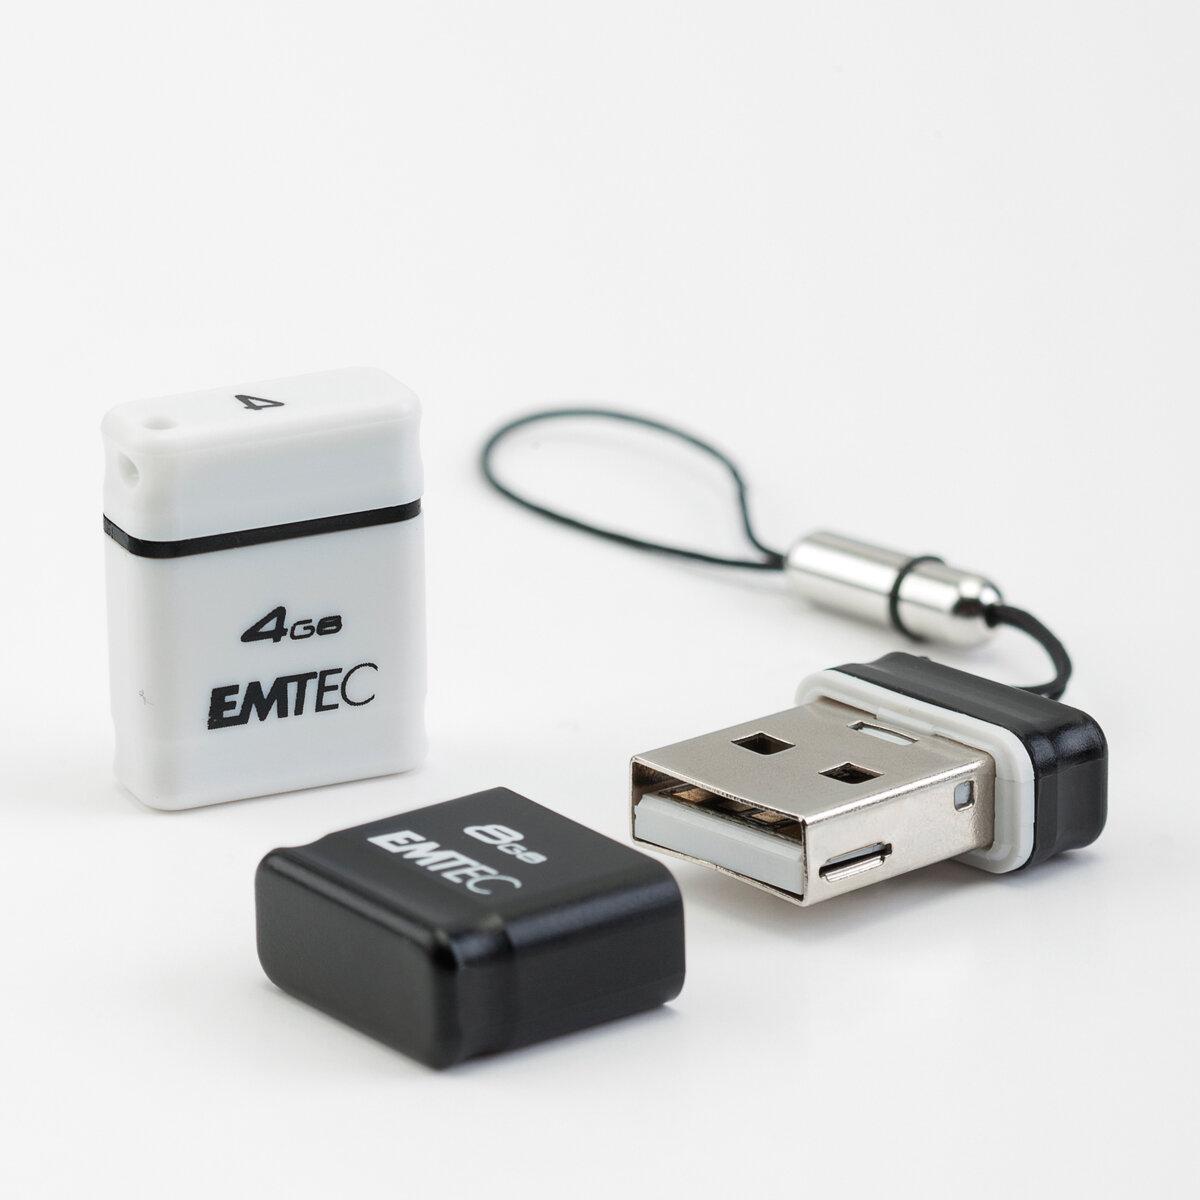 emtec annonce des clefs usb 2 0 miniatures de 4 8 et 16 go. Black Bedroom Furniture Sets. Home Design Ideas